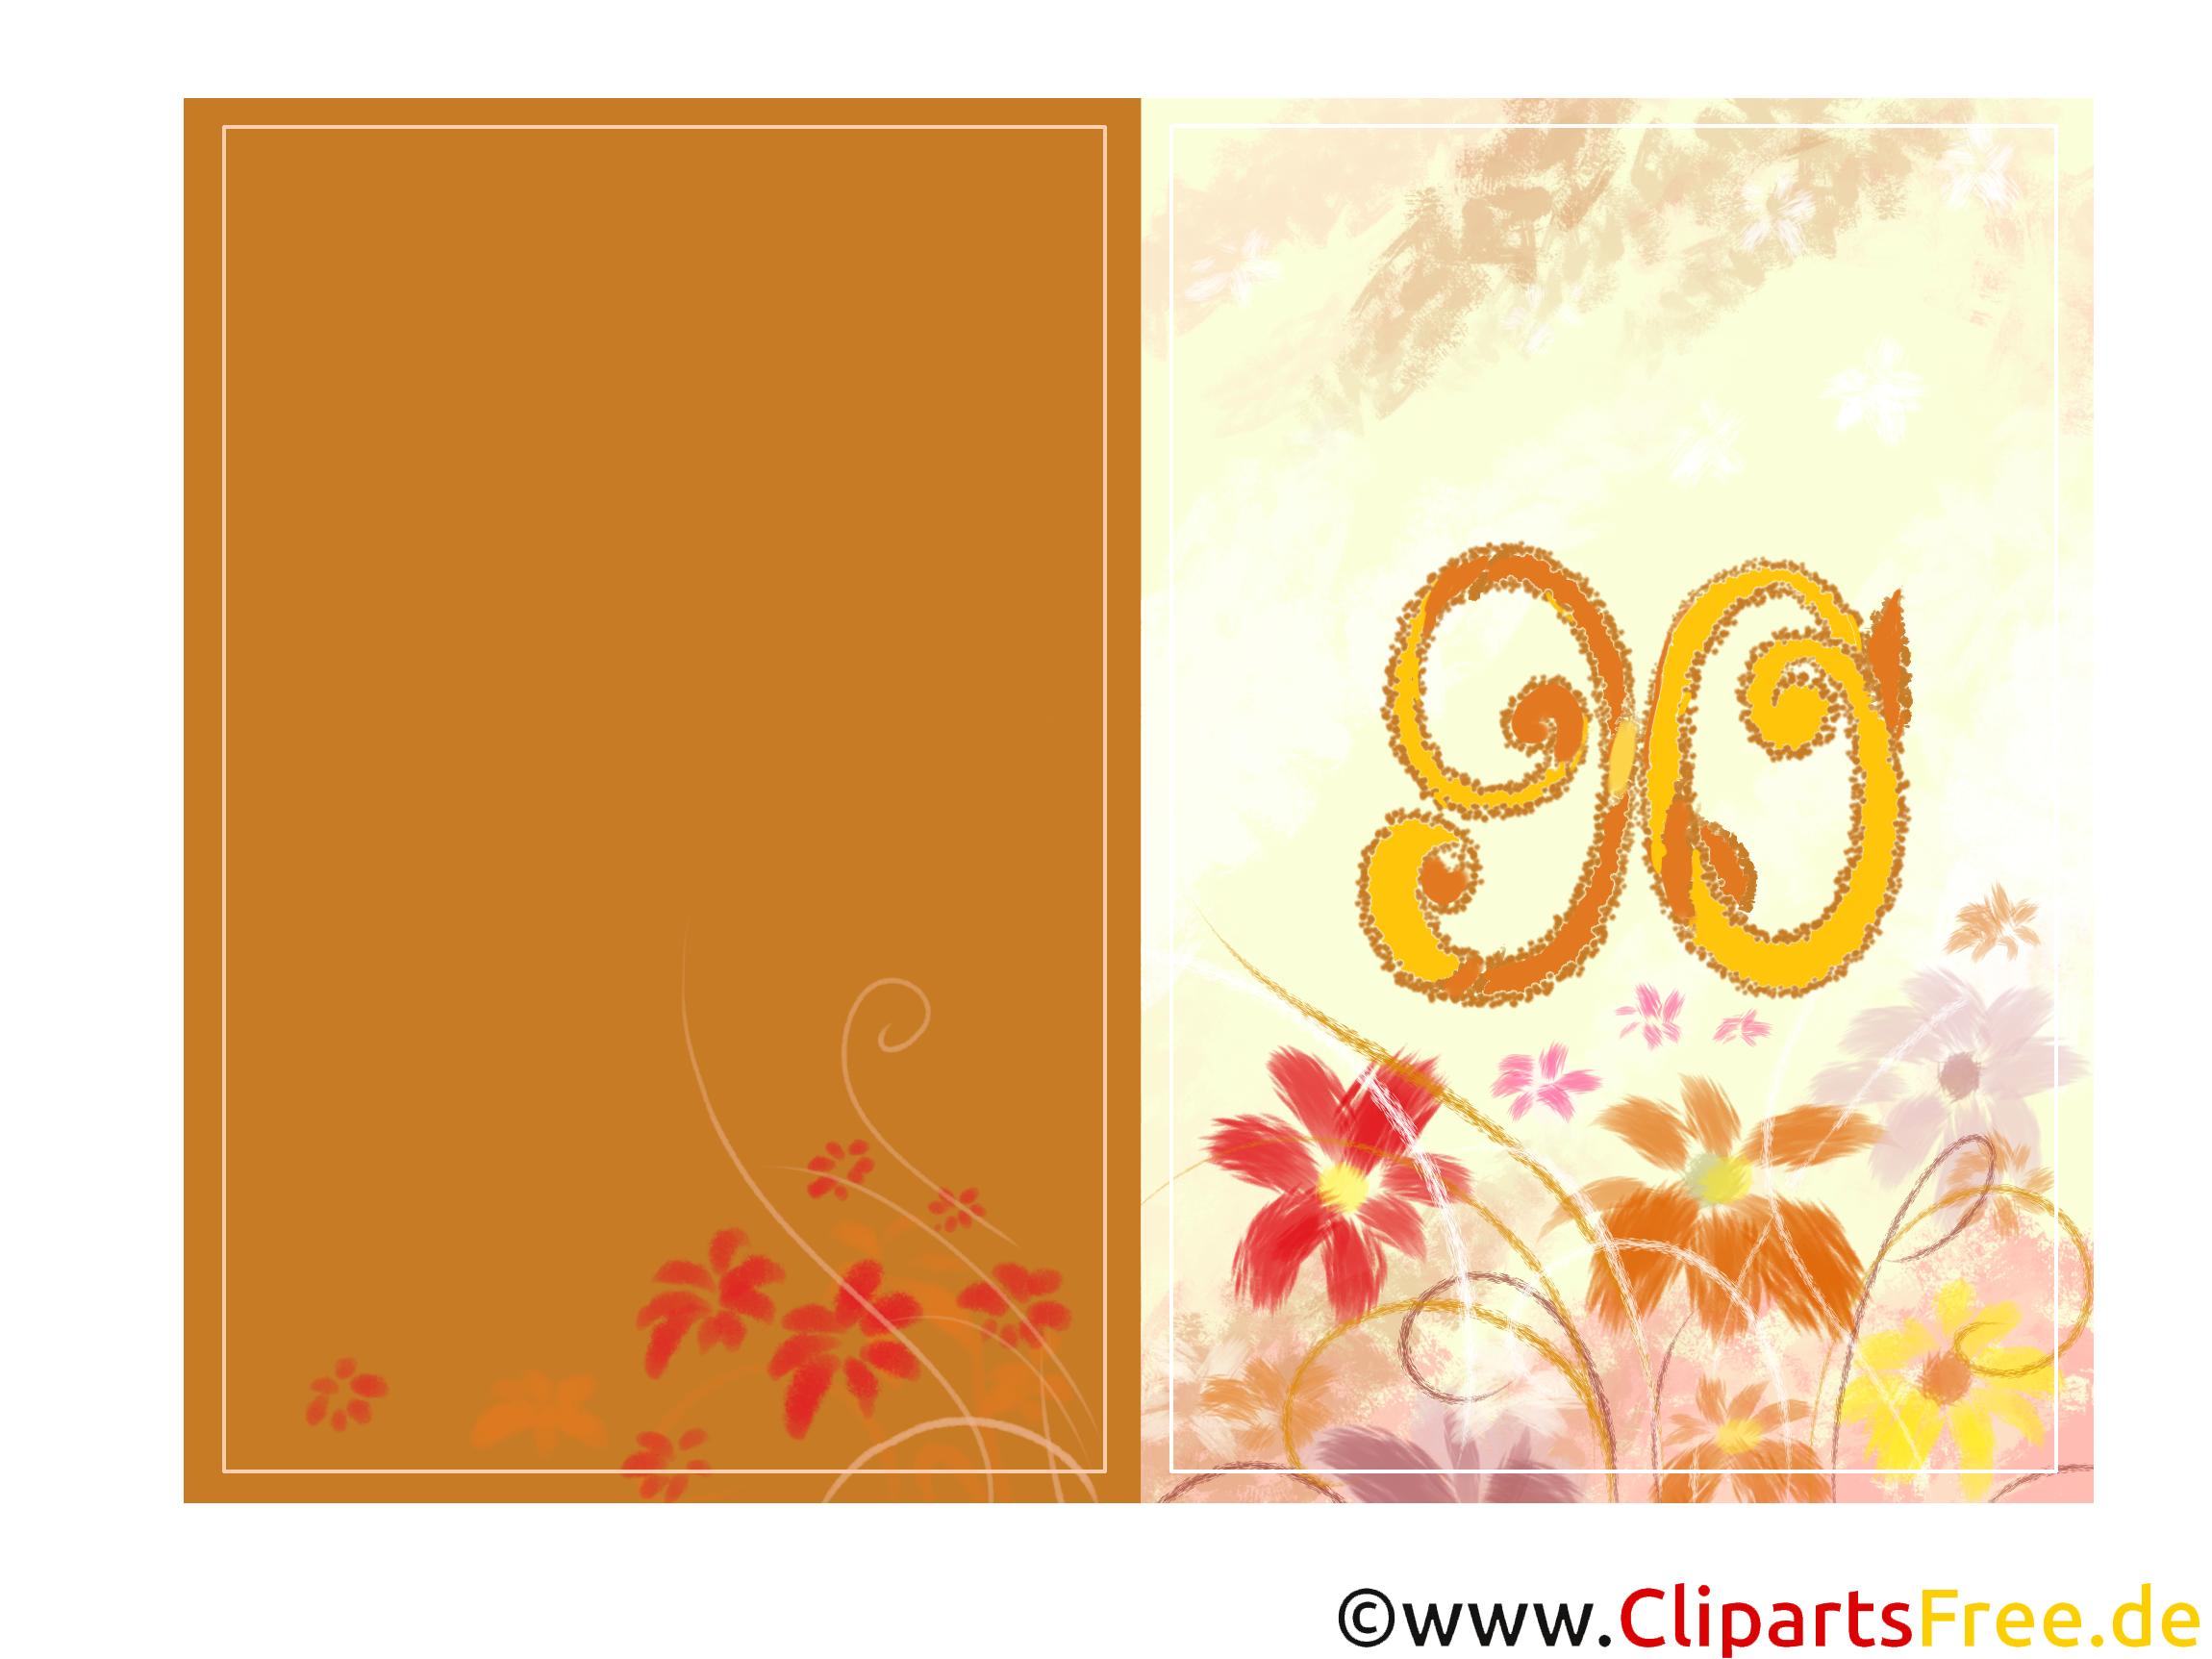 Glückwünsche zum 90. Geburtstag zum Gratulieren